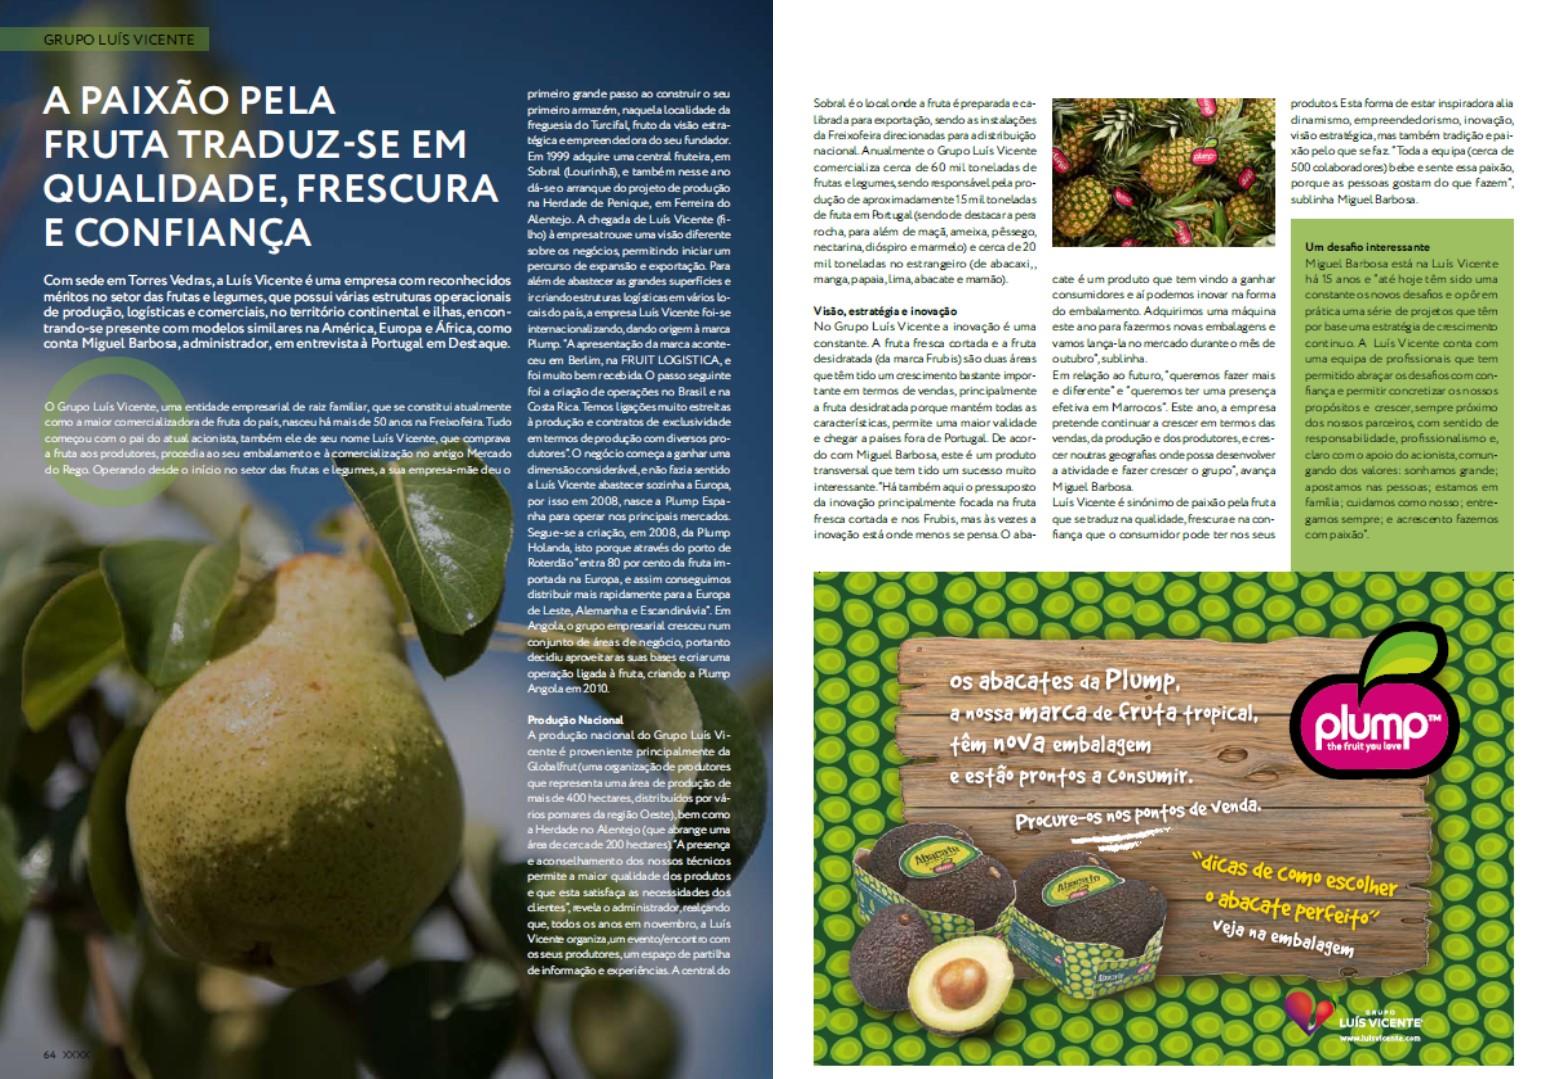 Octobre 2018 – Magazine Portugal em Destaque, Encart Journal Expresso